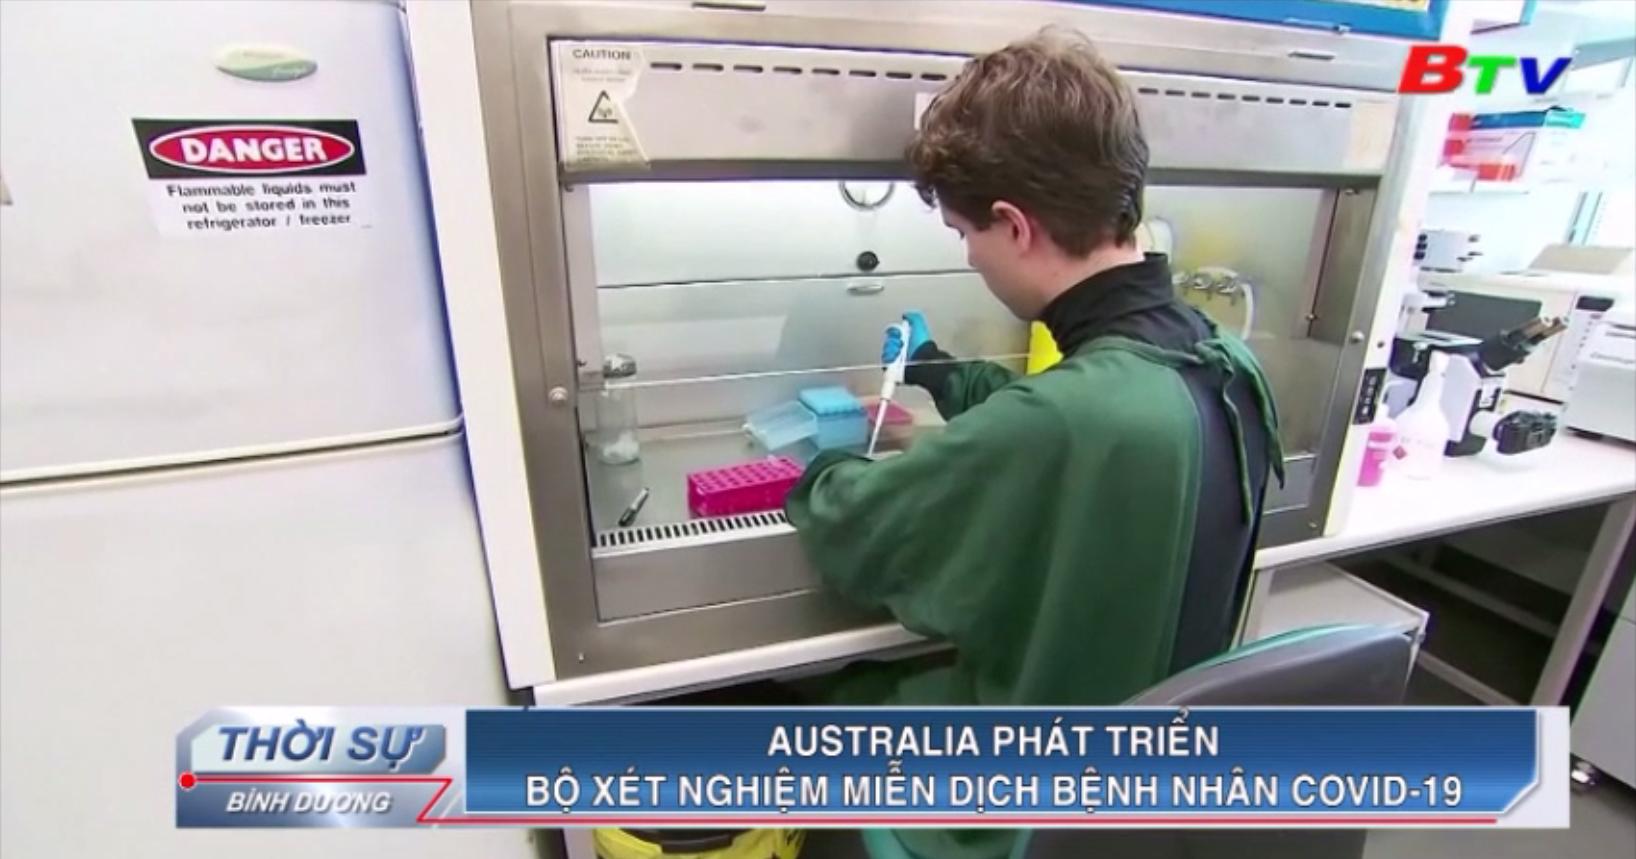 Australia phát triển bộ xét nghiệm miễn dịch bệnh nhân Covid-19